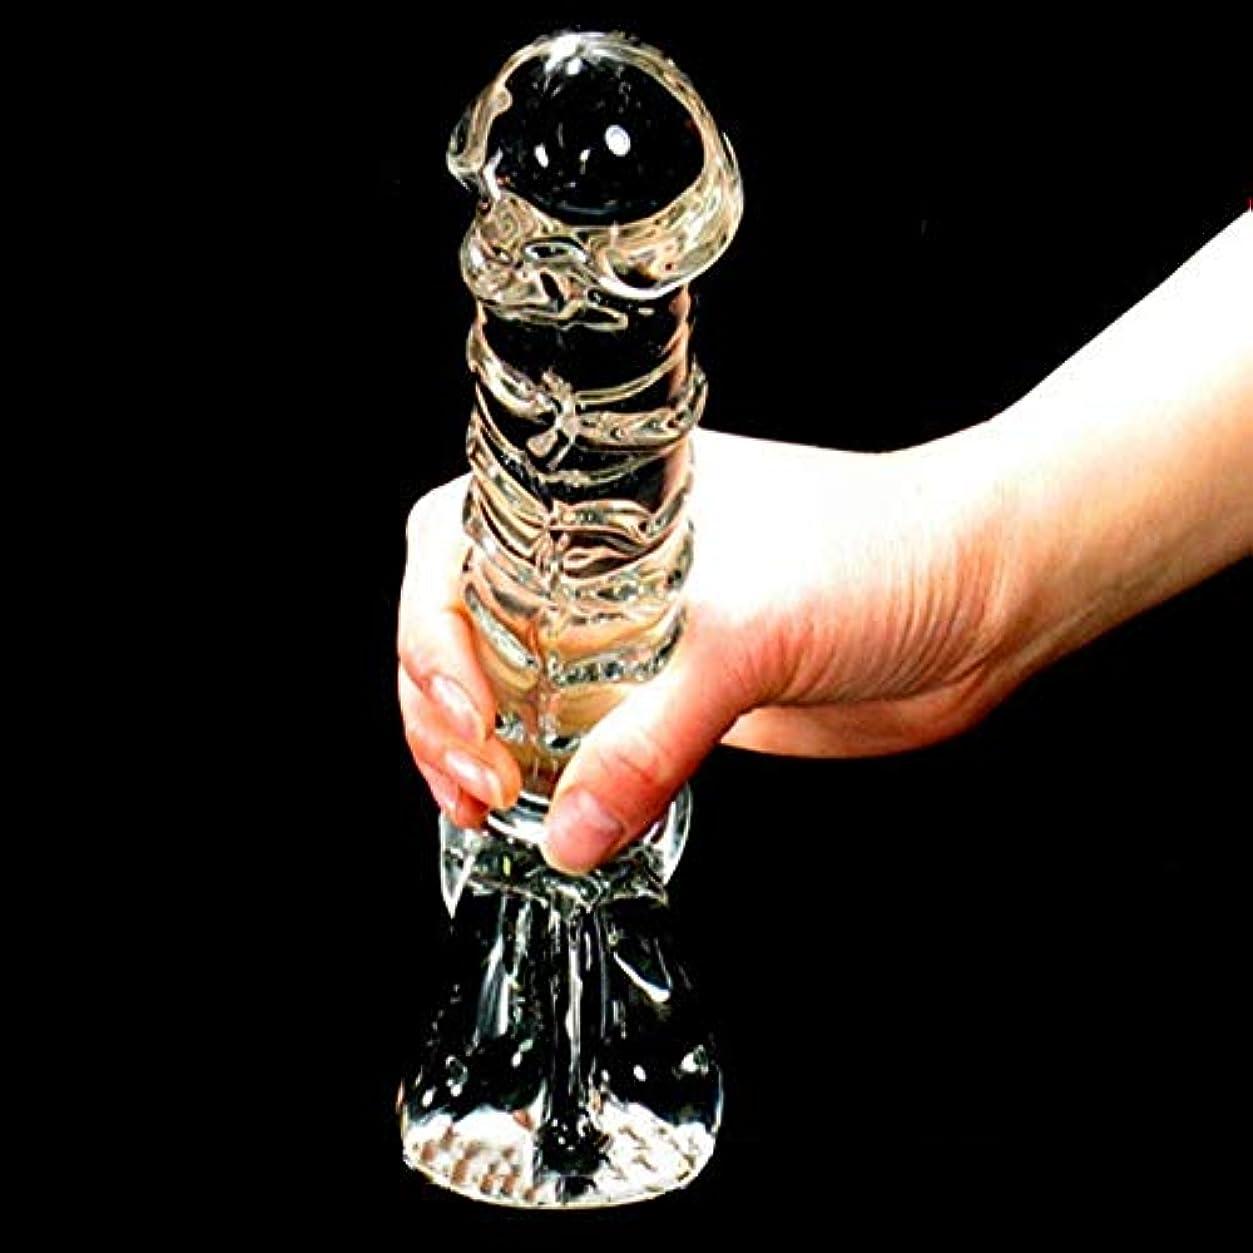 衰える崩壊勇敢なKGJJHYBGTOY オナニー女性ガラス大きなガラスペニス大人のガラスウェア大人向け製品 RELAX MASSAGE BODY